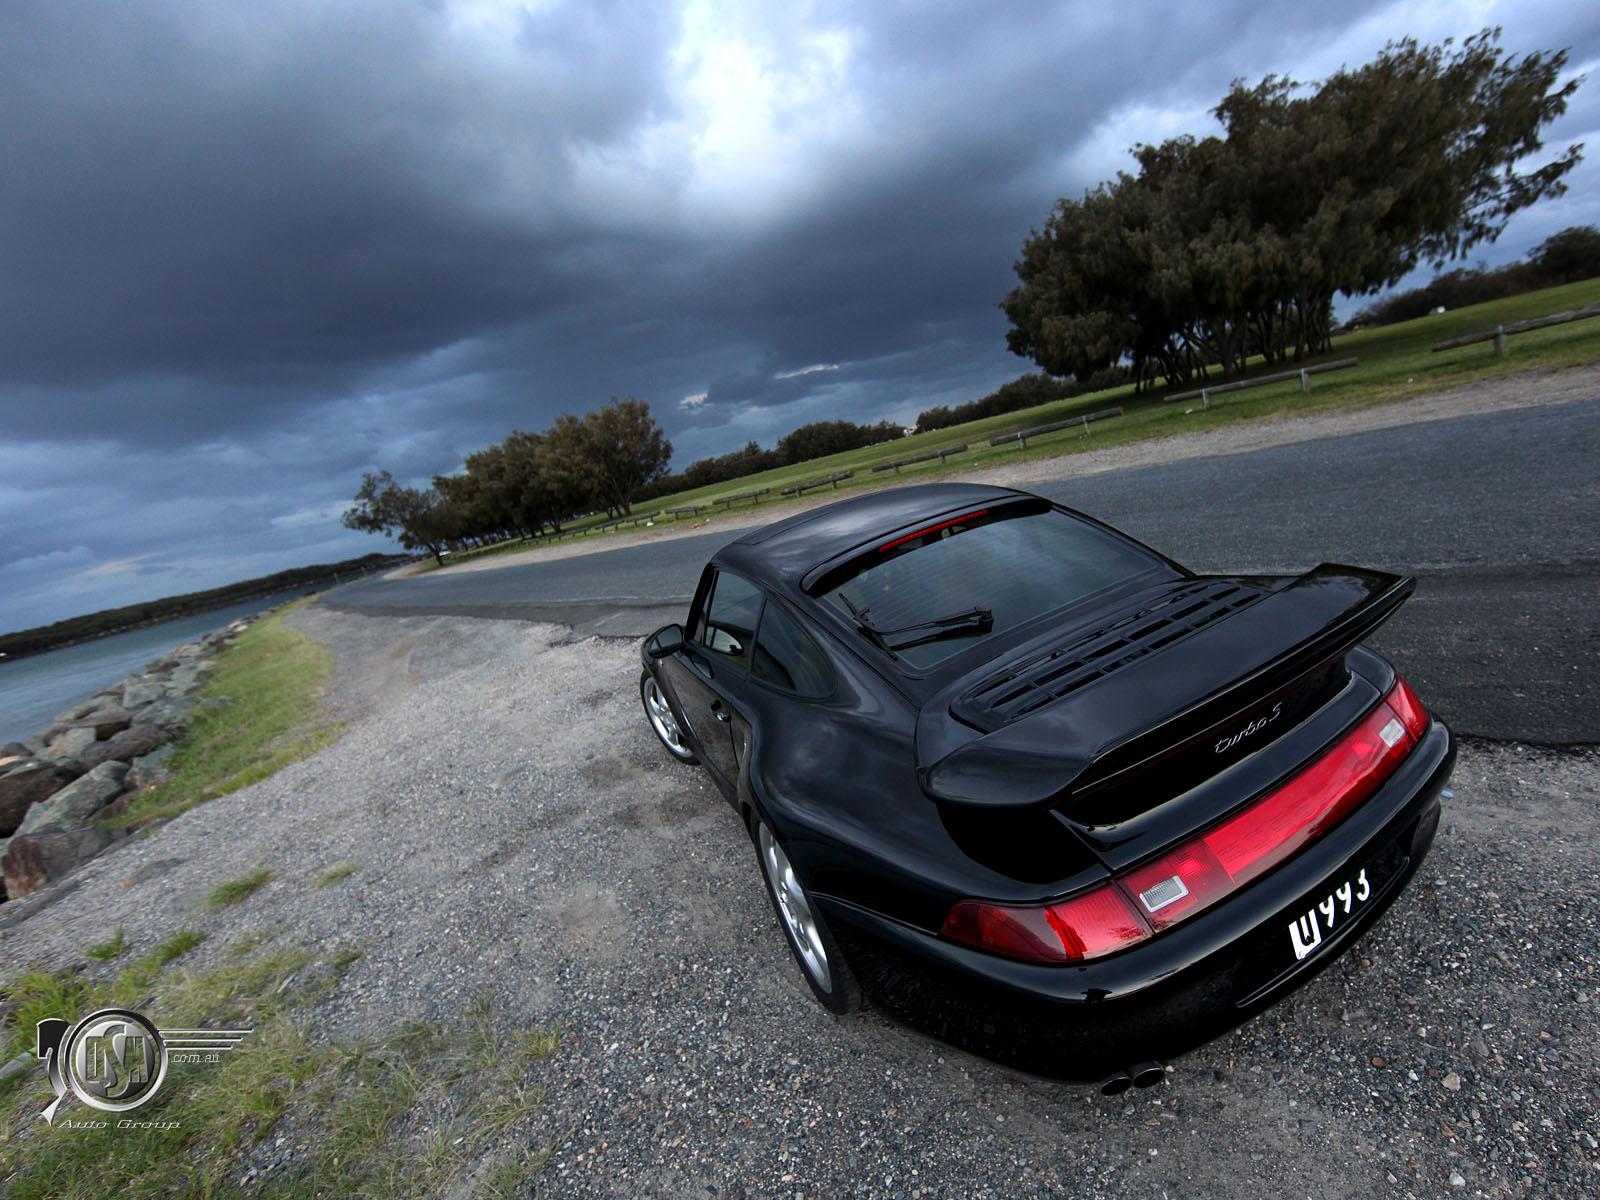 Qsm Auto Group Porsche Turbo 911 964 993 996 997 Boxster Gt3 Cars Parts For Sale Hi Res Porsche Wallpapers 264 W